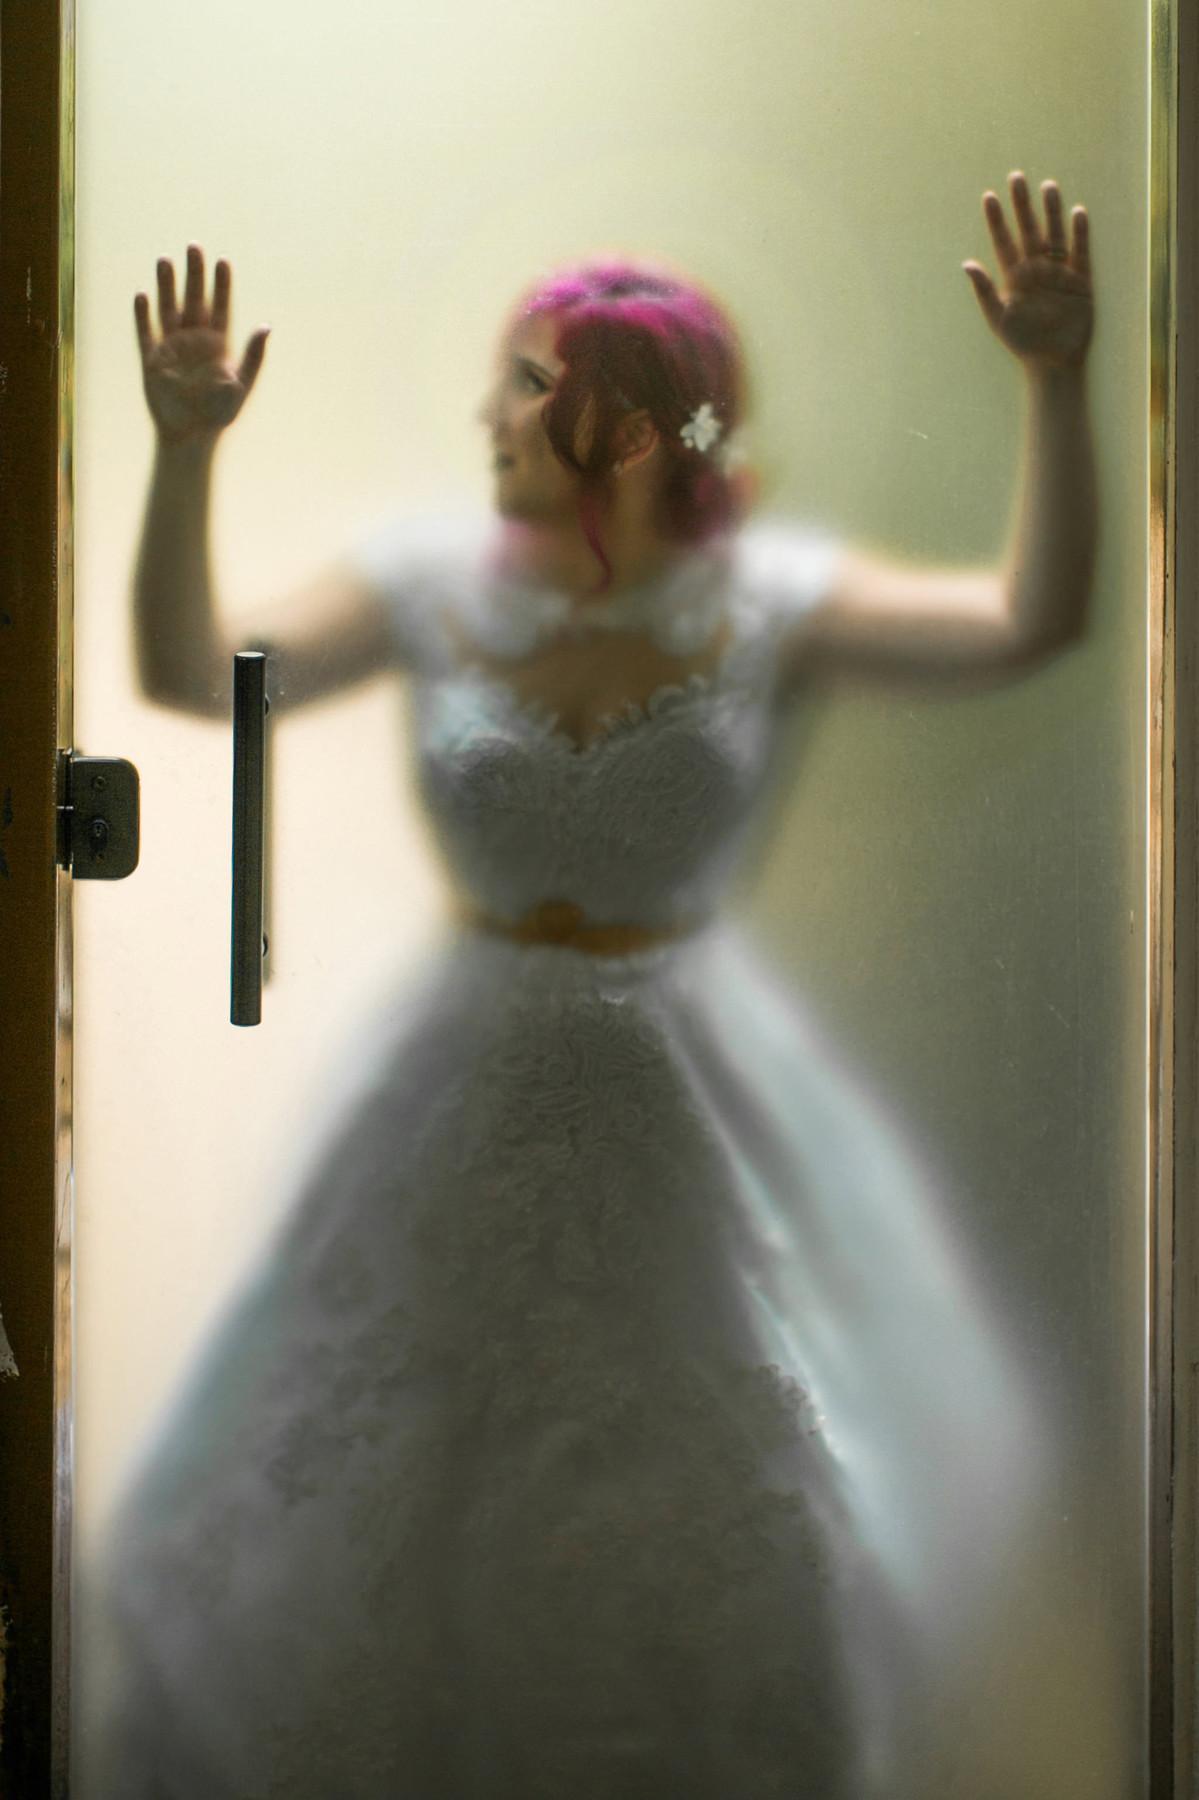 Noiva apoiada em vidro transparente